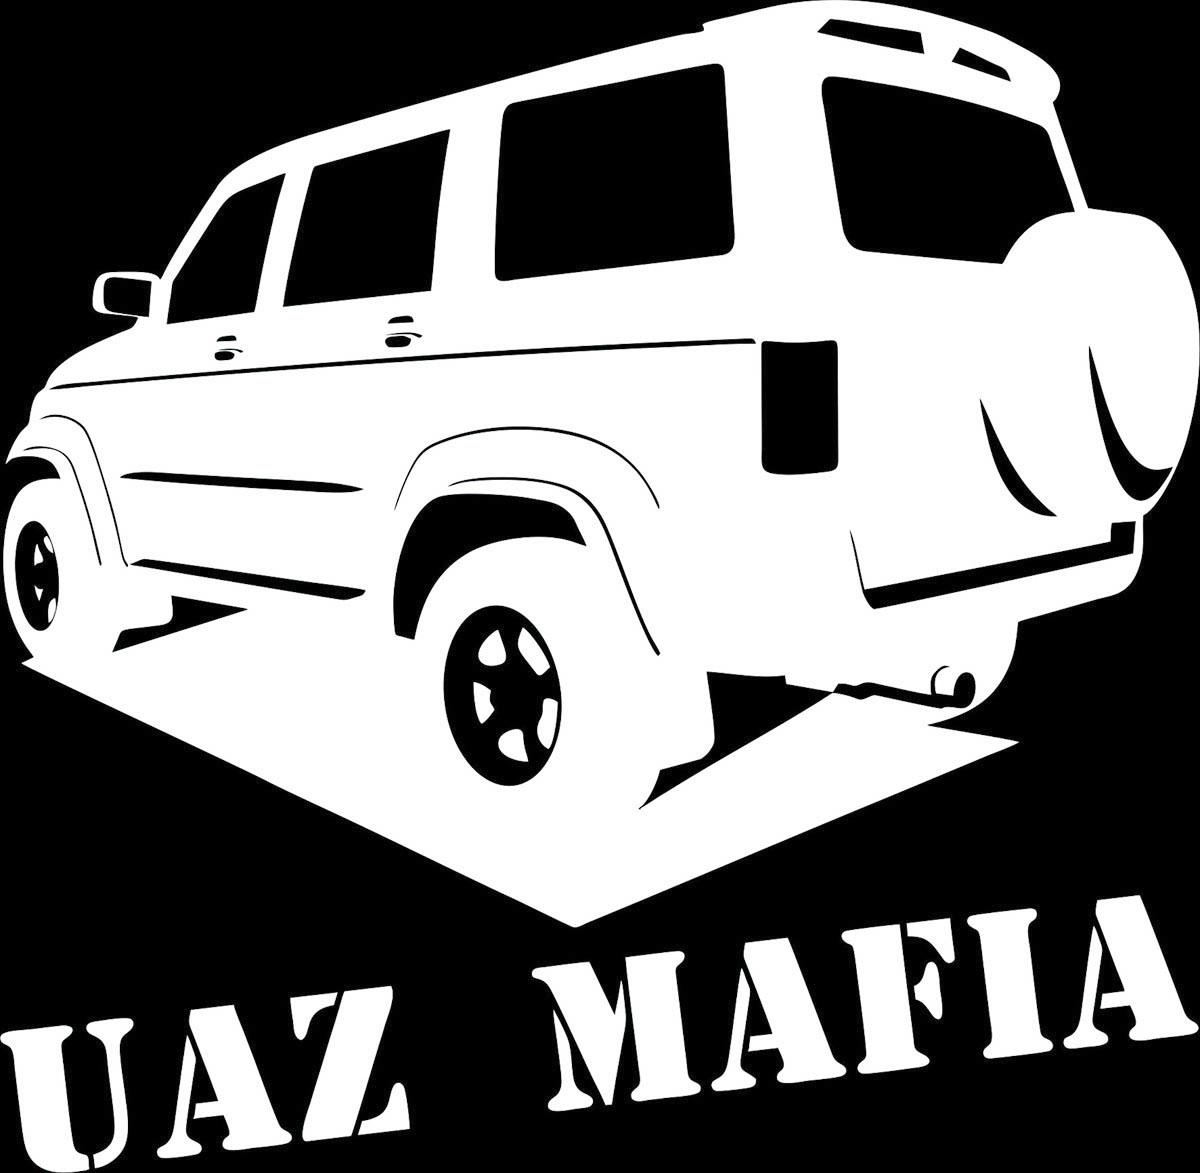 Наклейка автомобильная Оранжевый слоник UAZ Mafia, виниловая, цвет: белый1504400015WОригинальная наклейка Оранжевый слоник UAZ Mafia изготовлена из высококачественной виниловой пленки, которая выполняет не только декоративную функцию, но и защищает кузов автомобиля от небольших механических повреждений, либо скрывает уже существующие. Виниловые наклейки на автомобиль - это не только красиво, но еще и быстро! Всего за несколько минут вы можете полностью преобразить свой автомобиль, сделать его ярким, необычным, особенным и неповторимым!